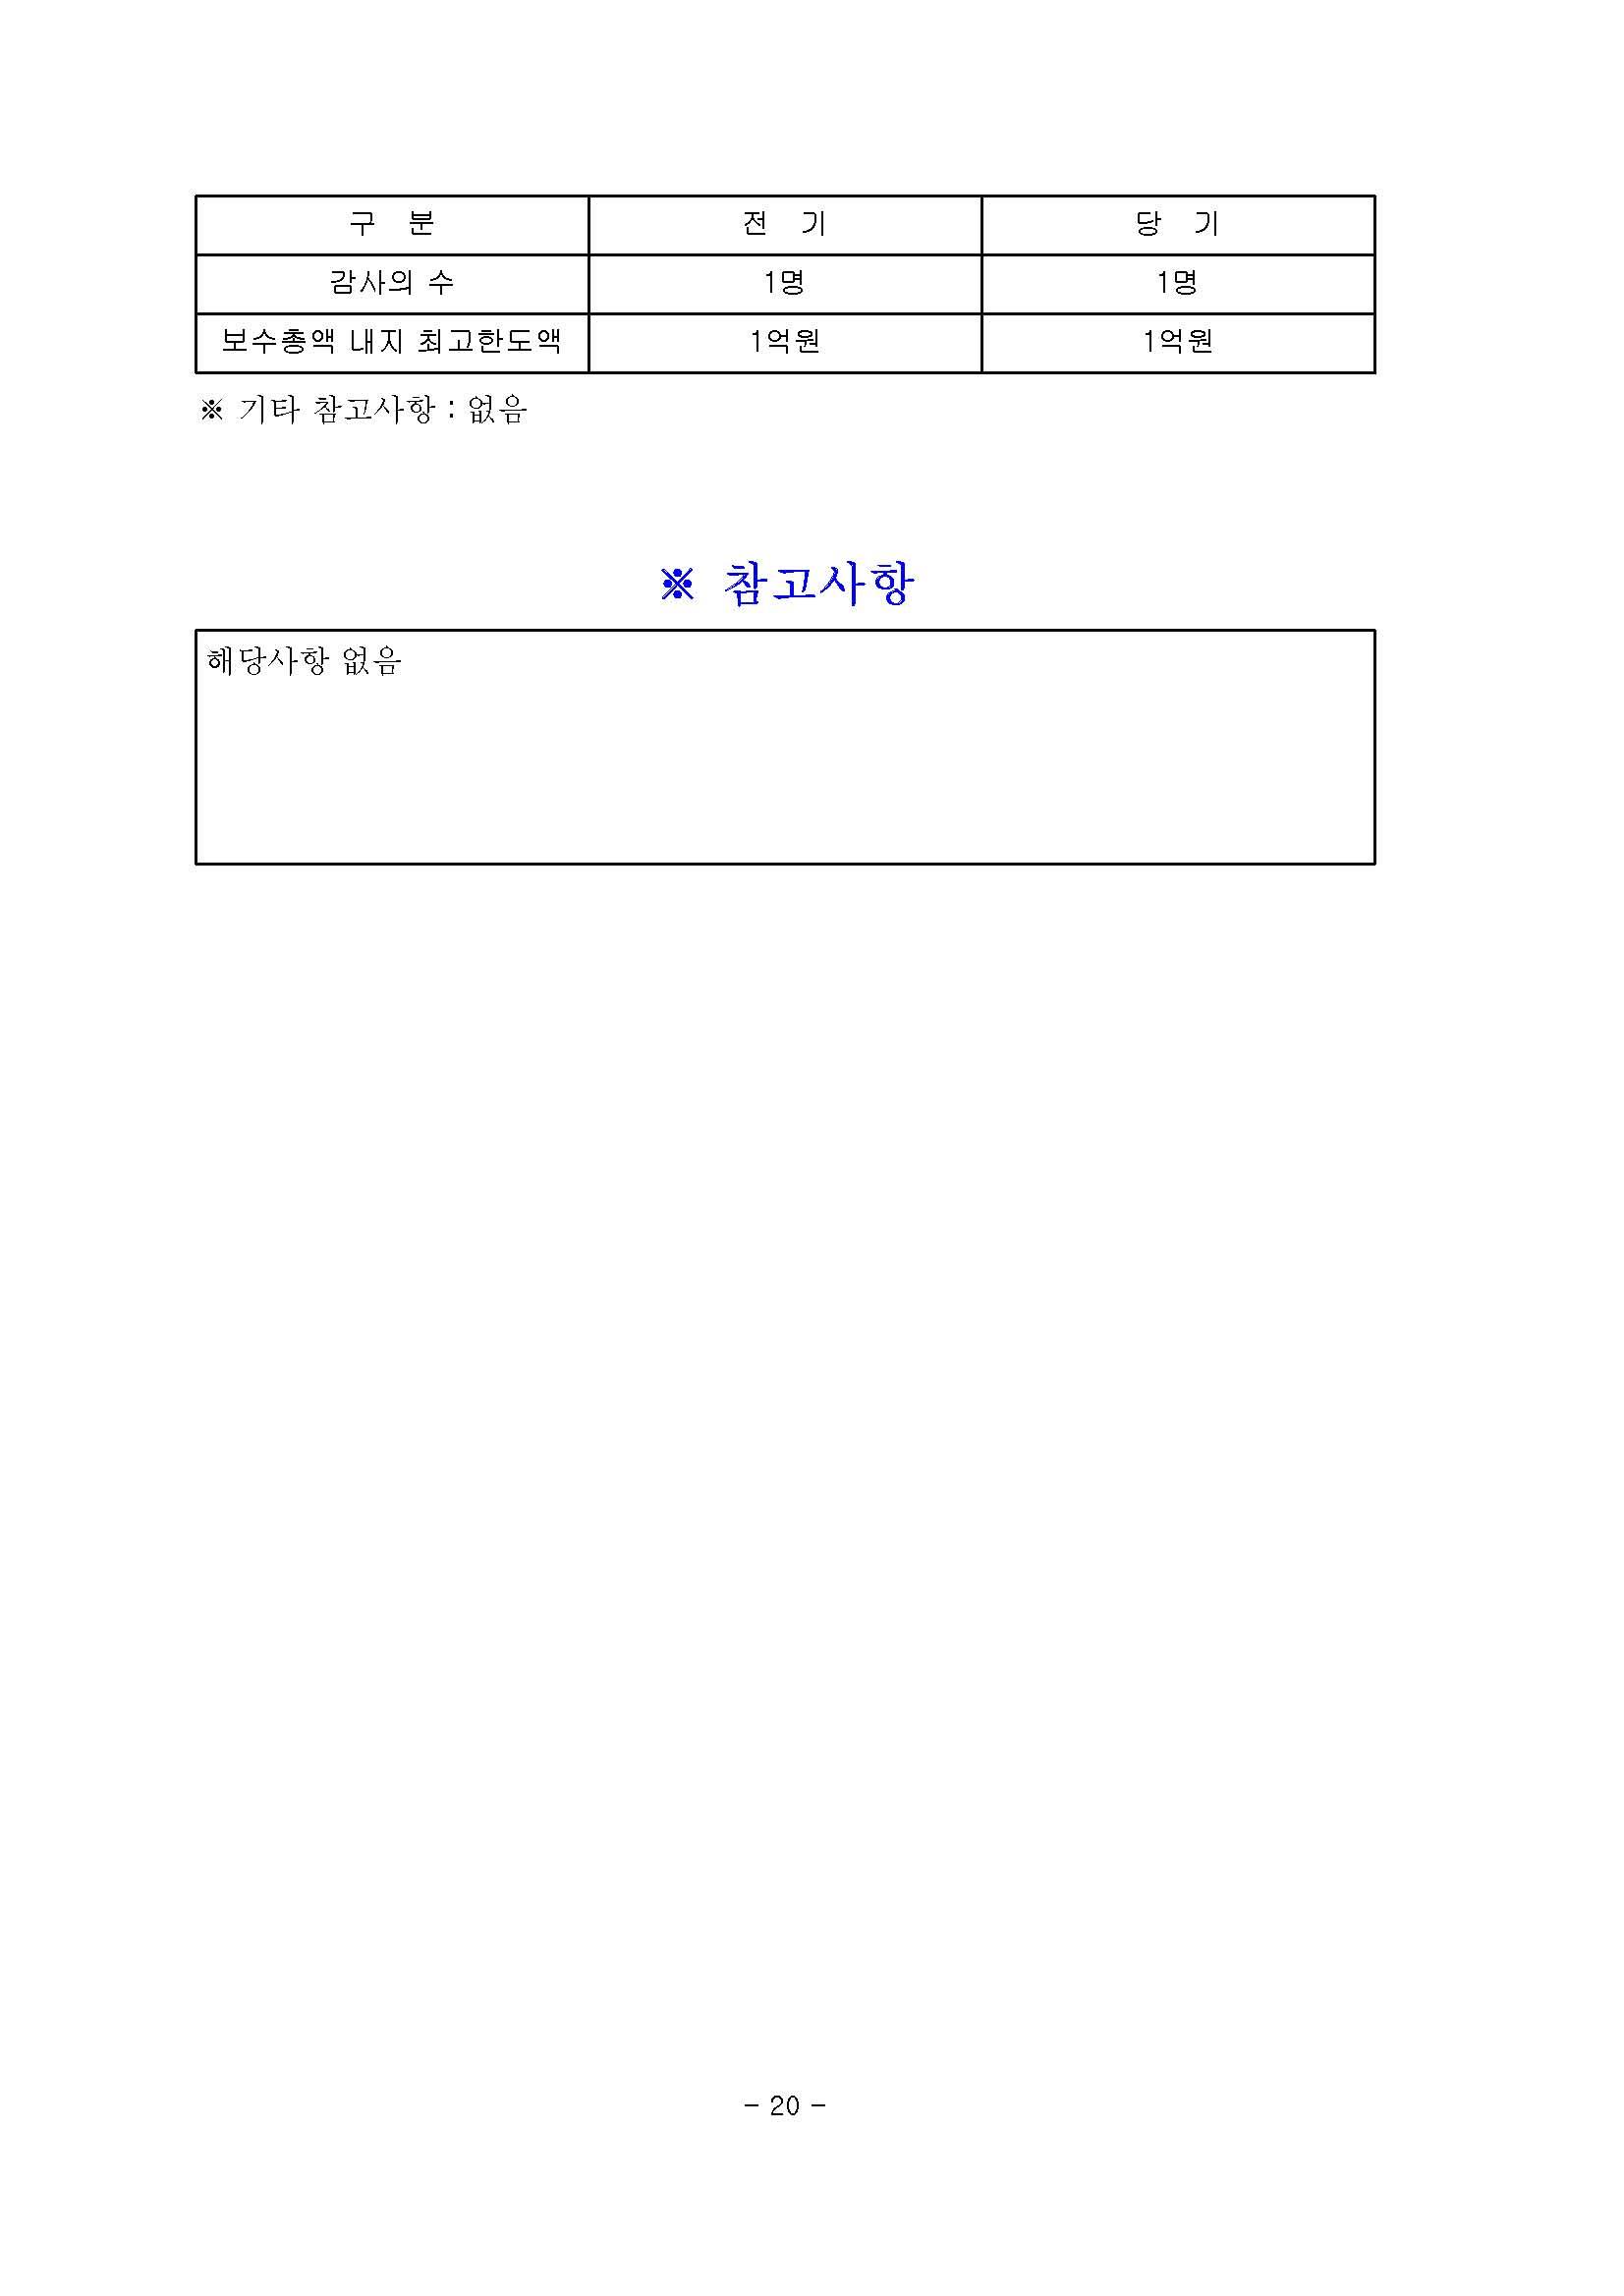 20180309 주주총회소집공고-바이오스마트_페이지_21.jpg